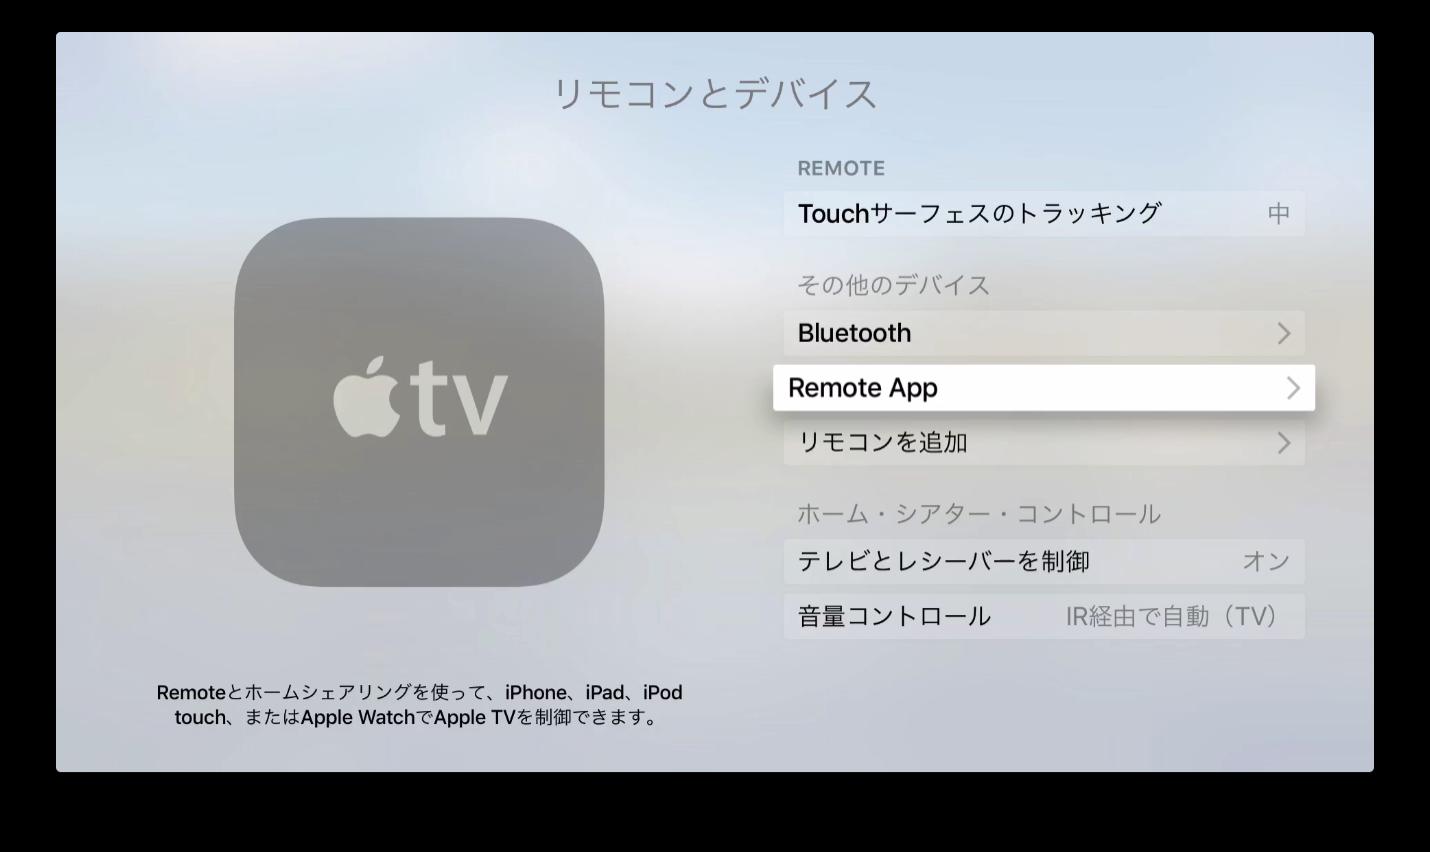 新型Apple TV(第4世代)がアップデート!AppleWatchのRemote Appにもようやく対応しました!